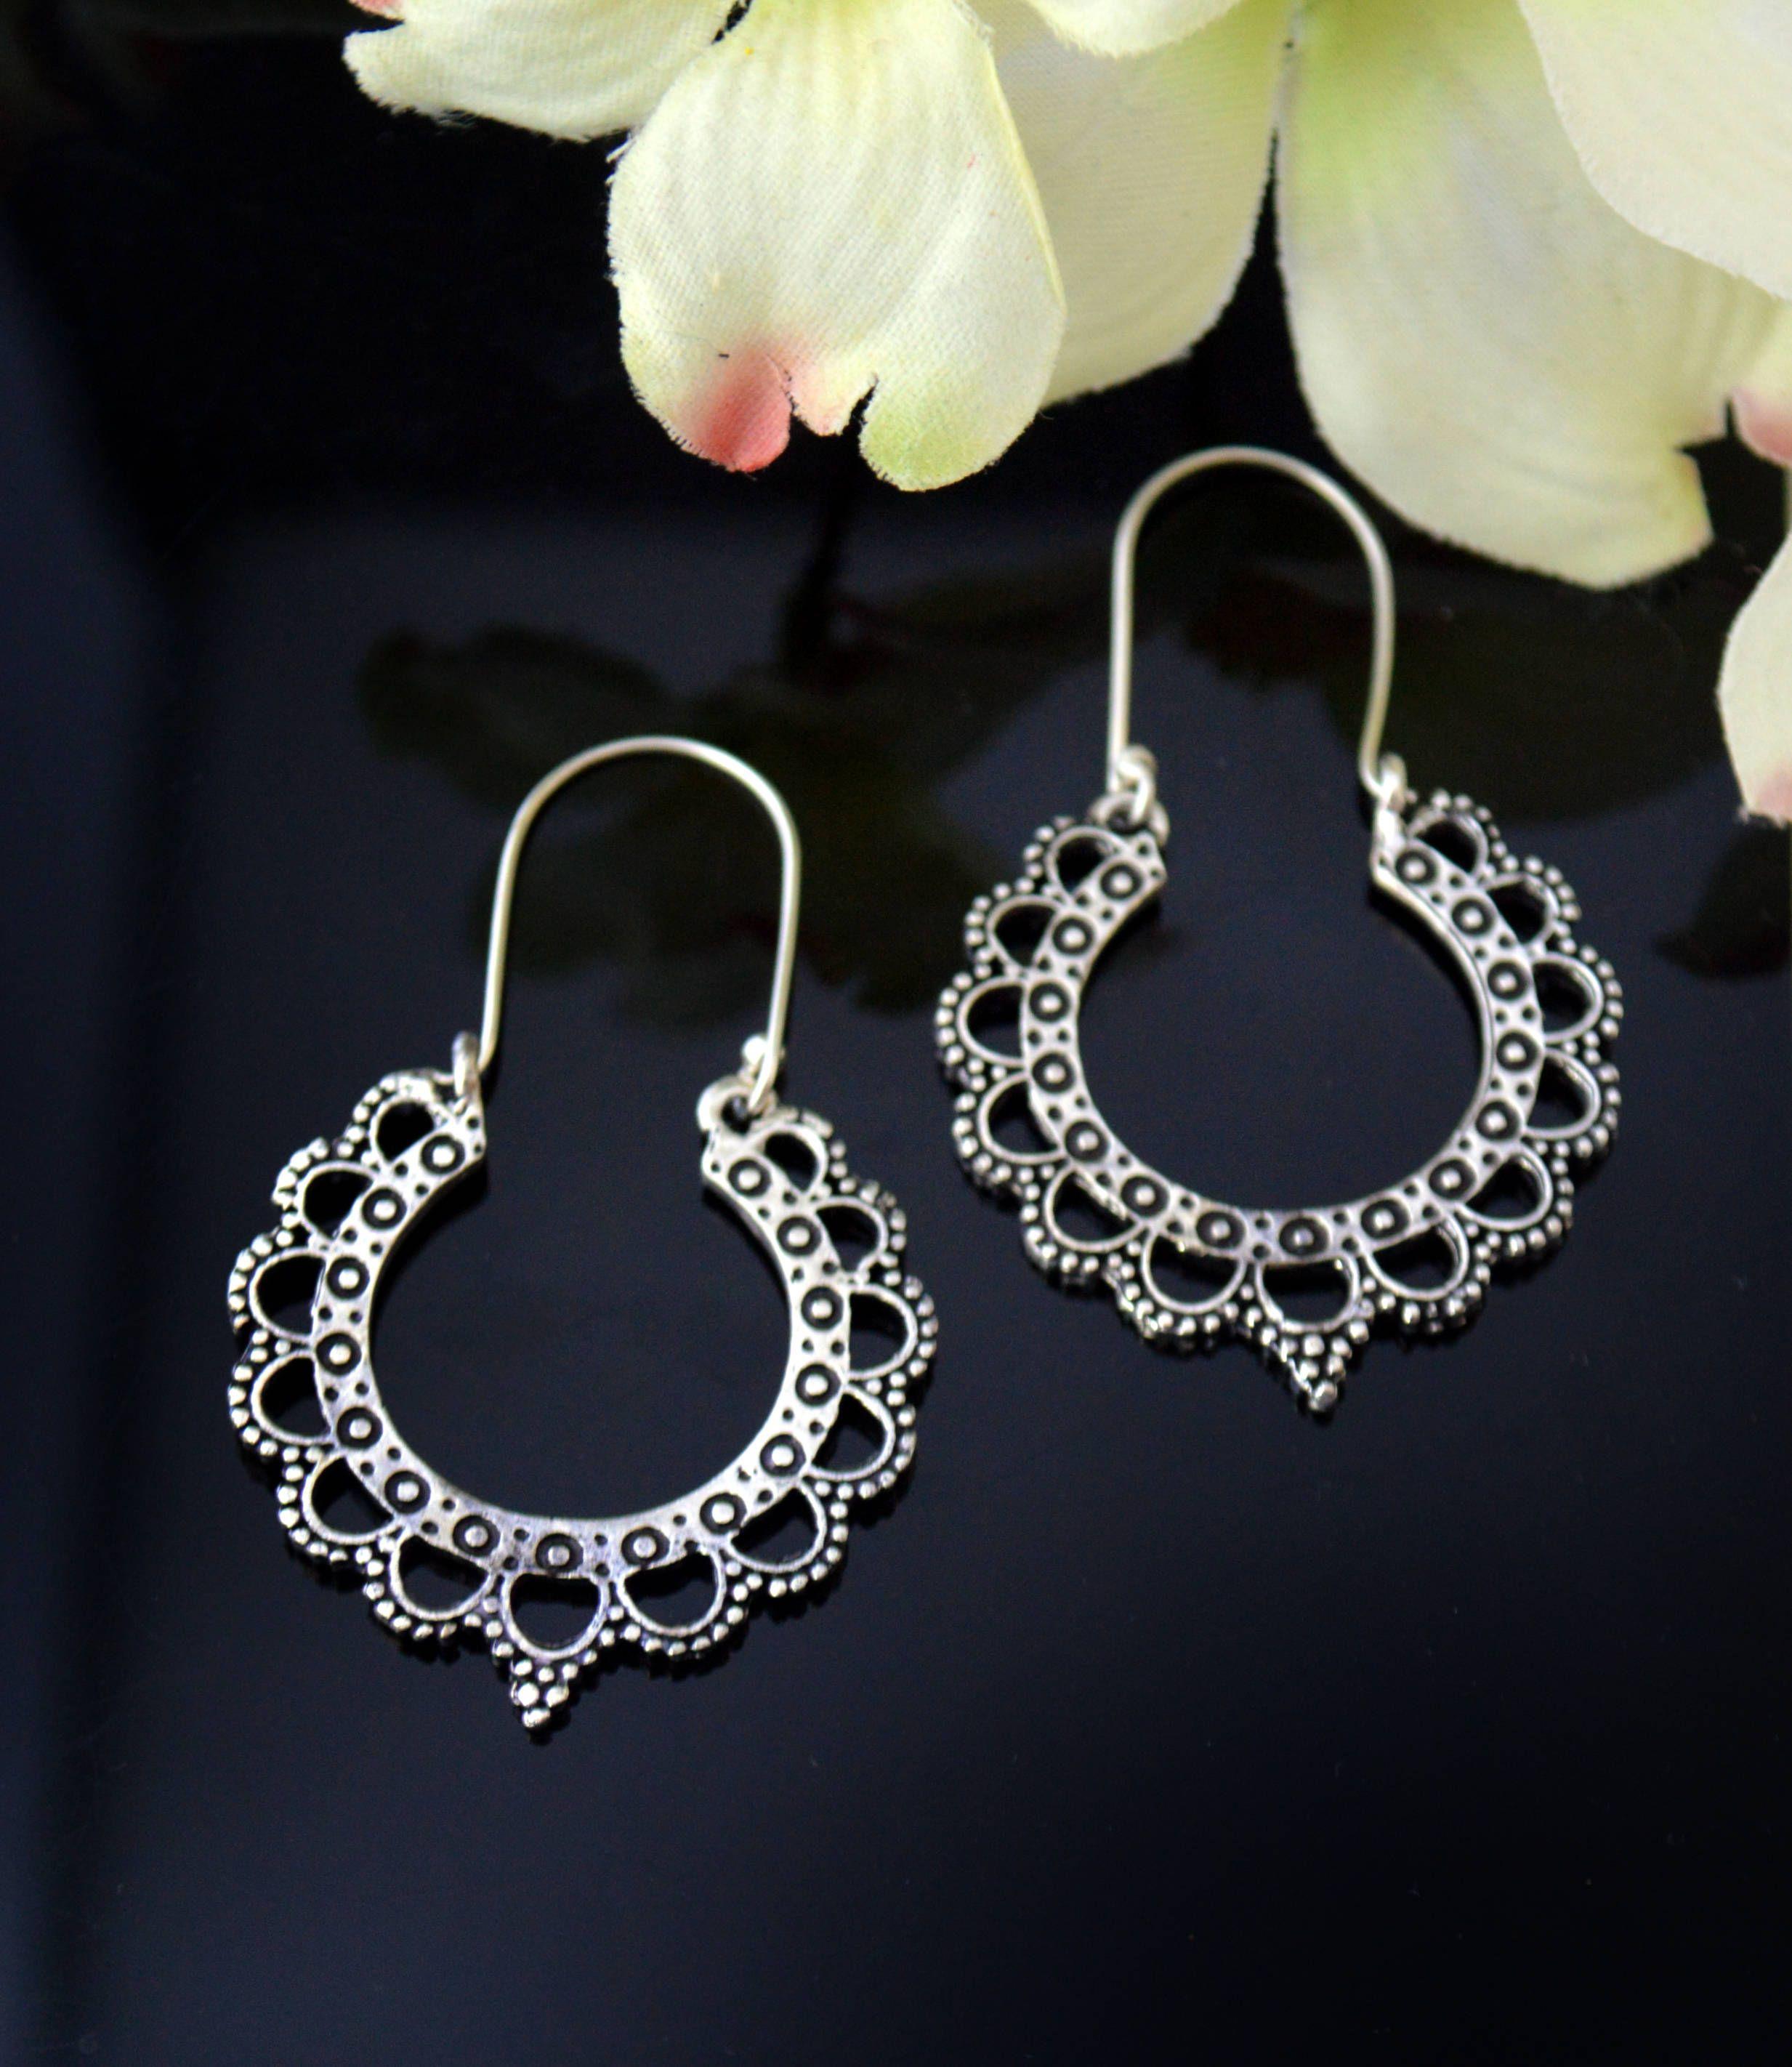 0d615b17a Silver Hoop Earrings,Lightweight Earrings,Tribal jewelry- Indian village  ornaments-Boho gypsy Earrings by Taneesi by taneesijewelry on Etsy